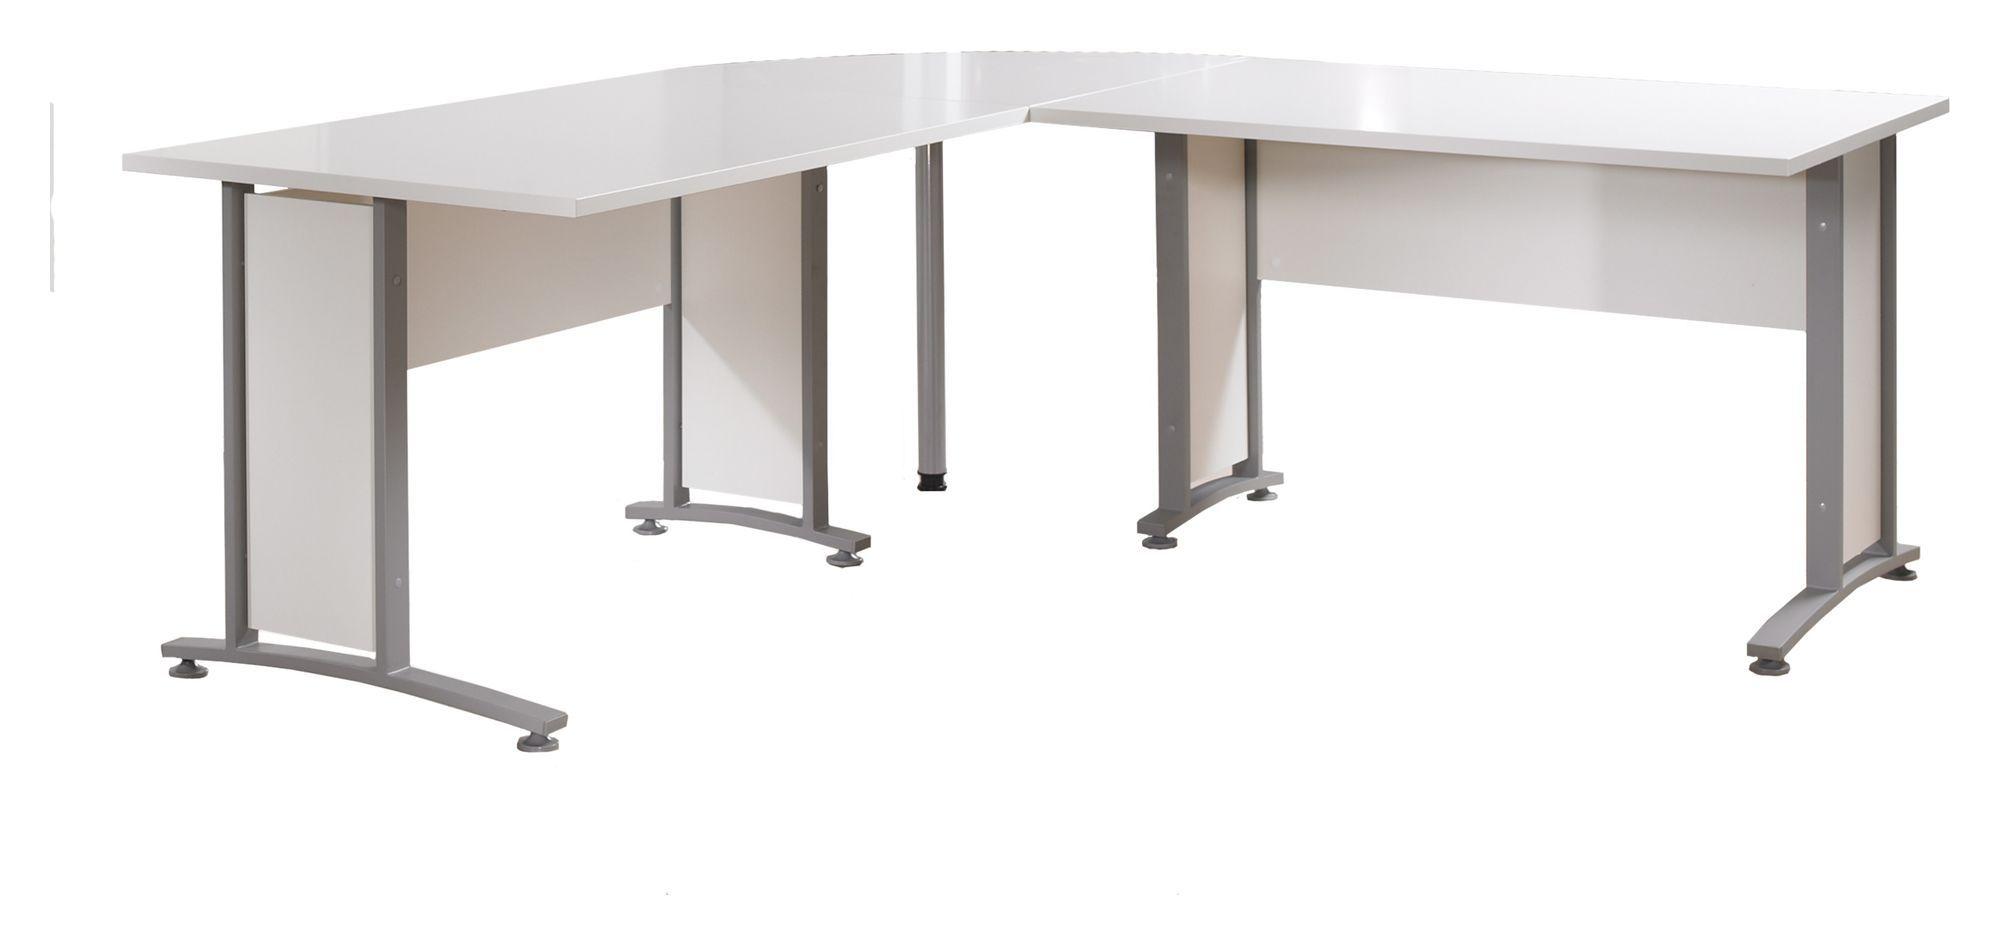 Prima Hjørneskrivebord - Hvid - Hjørneskrivebord i hvid